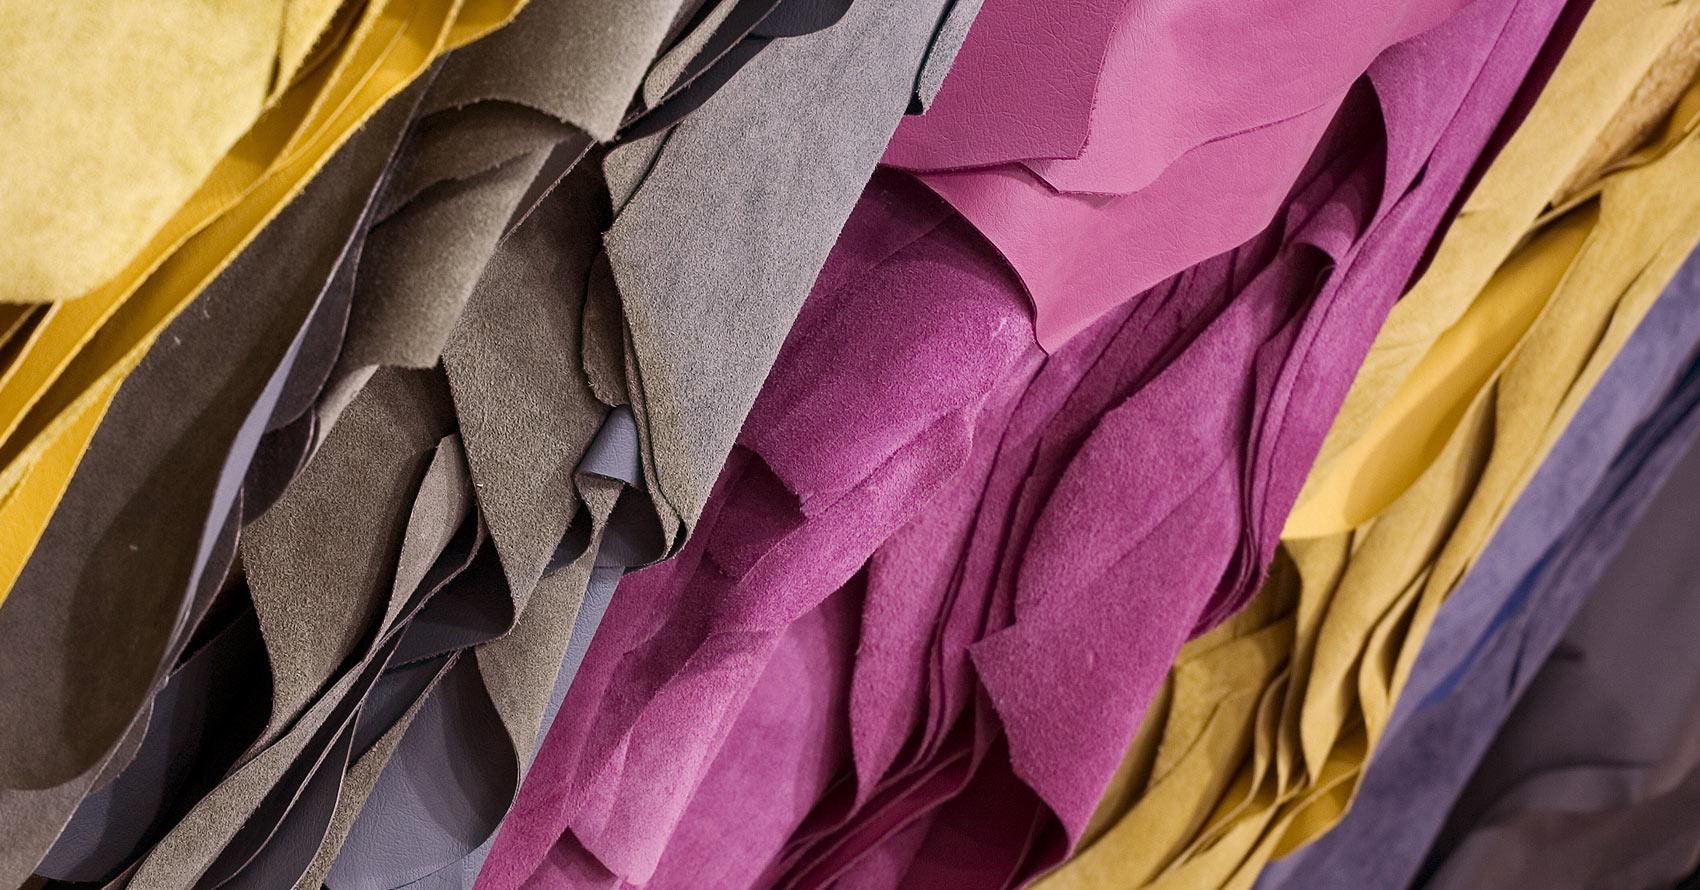 Muirhead leather range